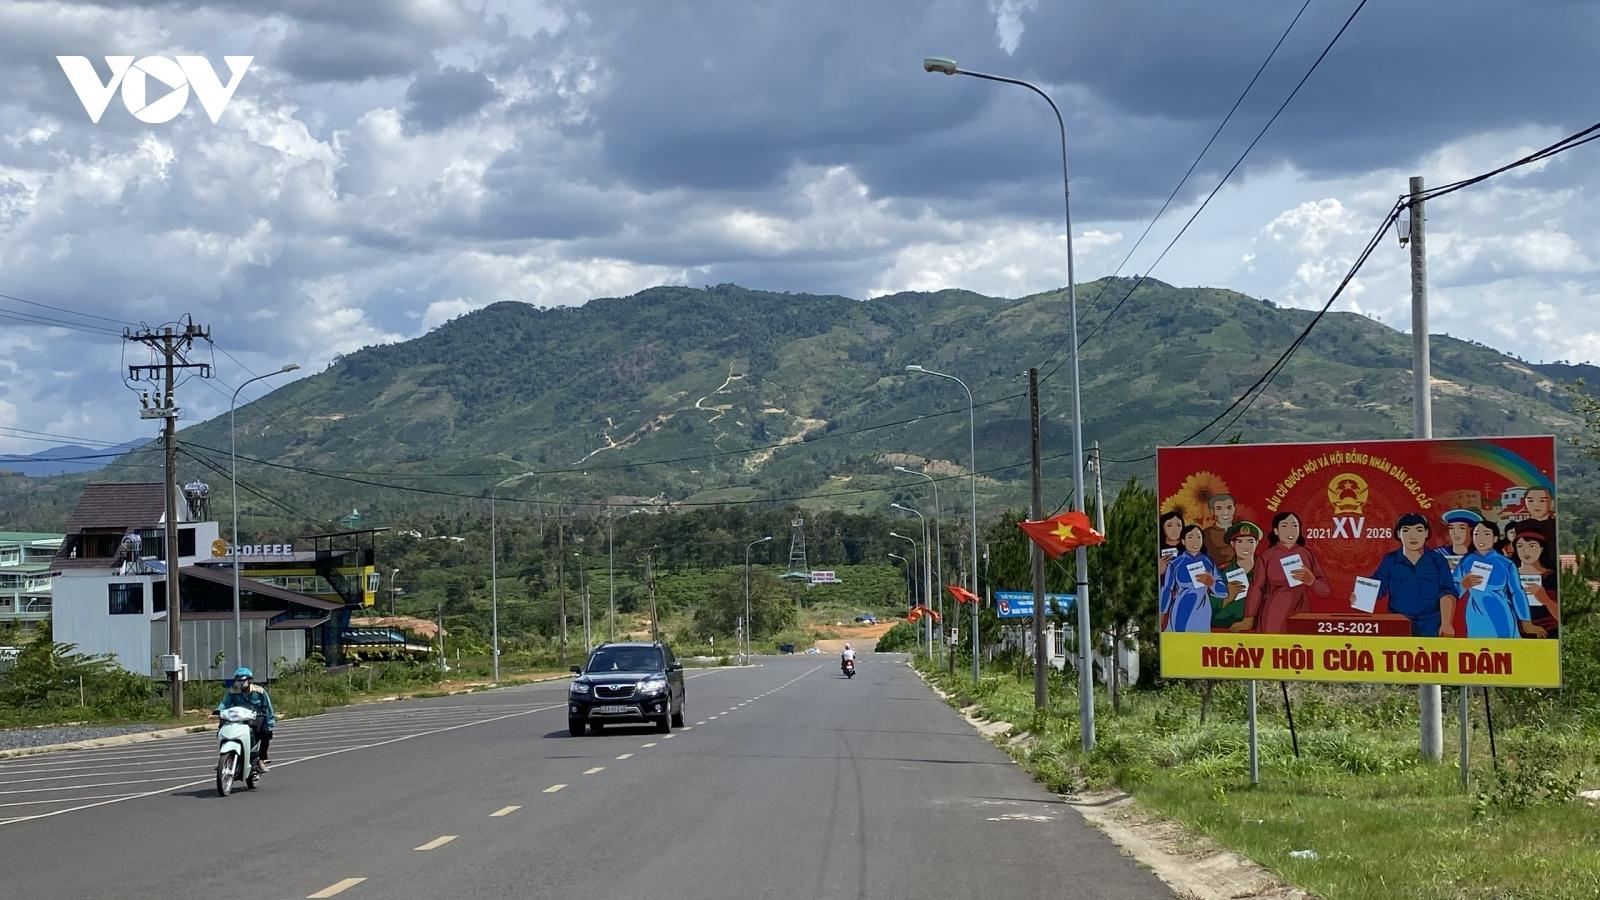 Bảo Lộc – Lâm Đồng: Sẵn sàng cho ngày bầu cửtrong bối cảnh đặc biệt